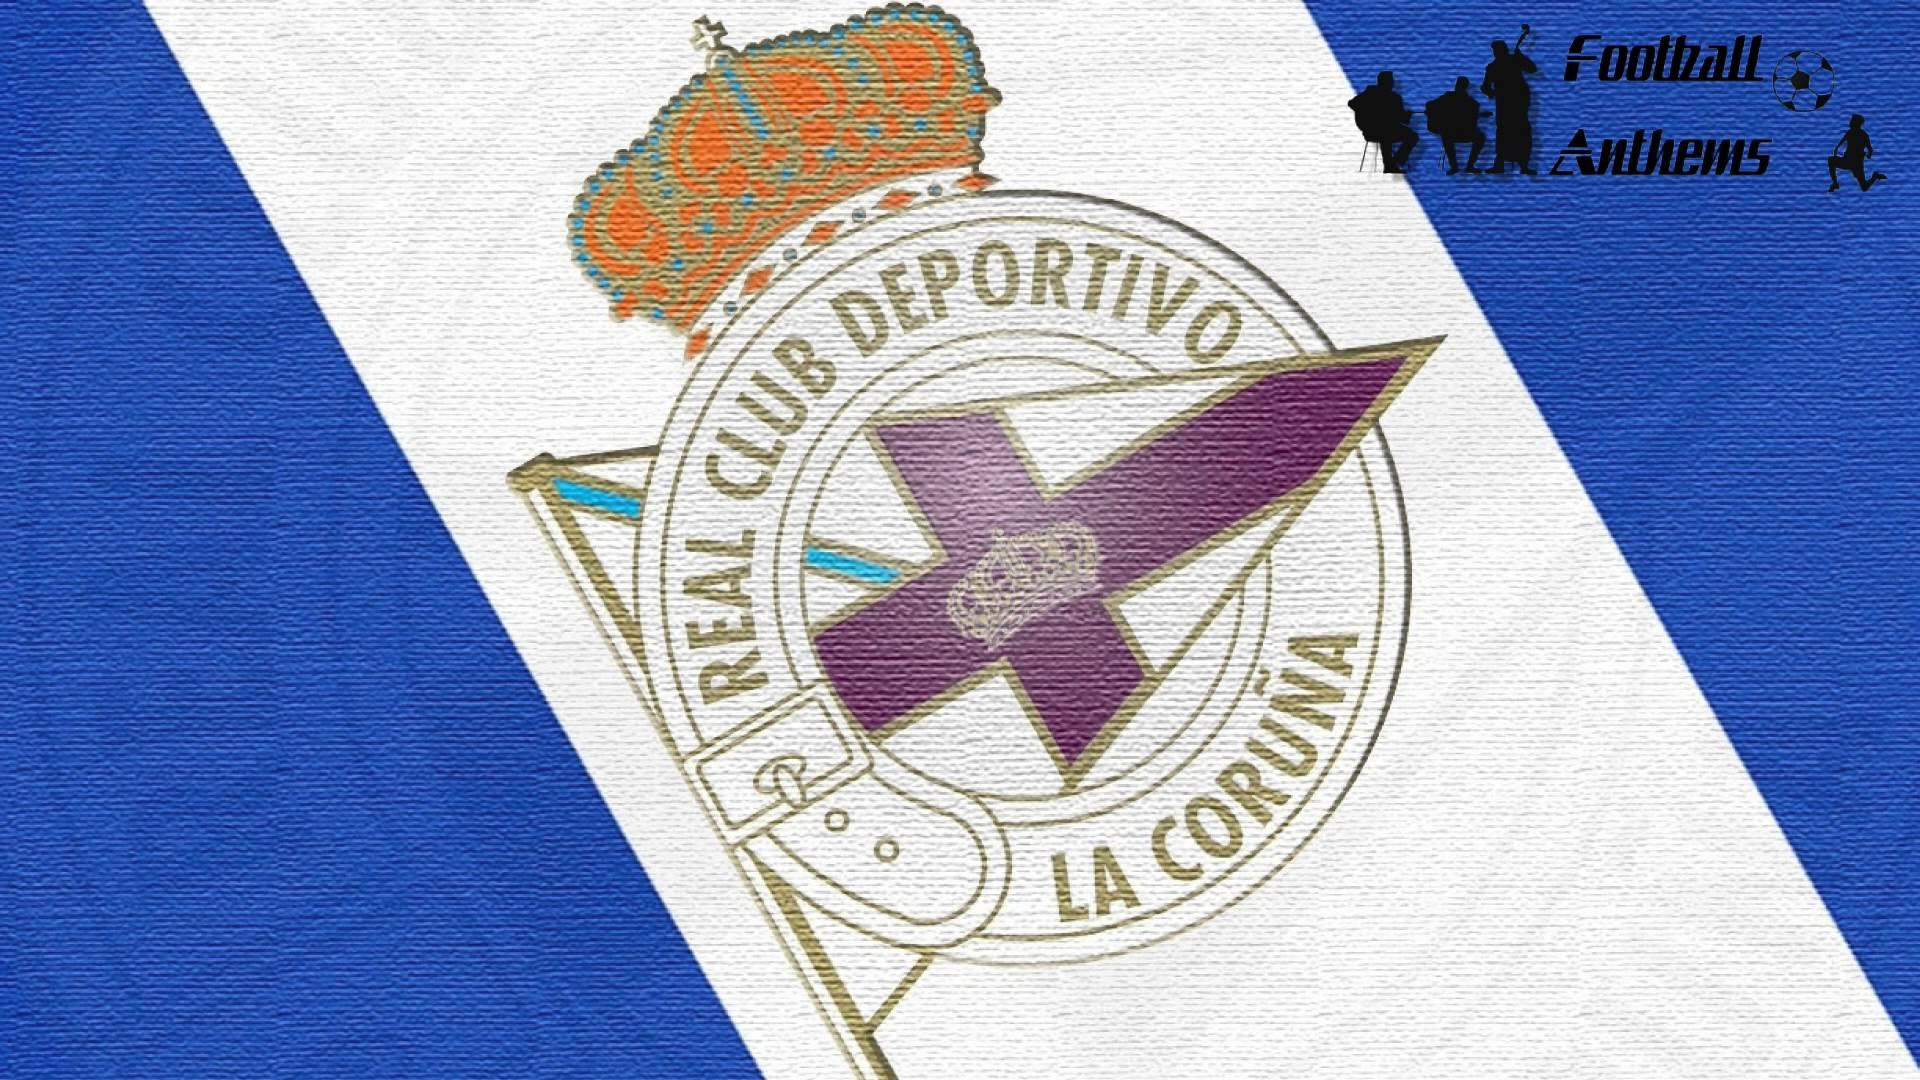 Nice wallpapers Deportivo De La Coruña 1920x1080px